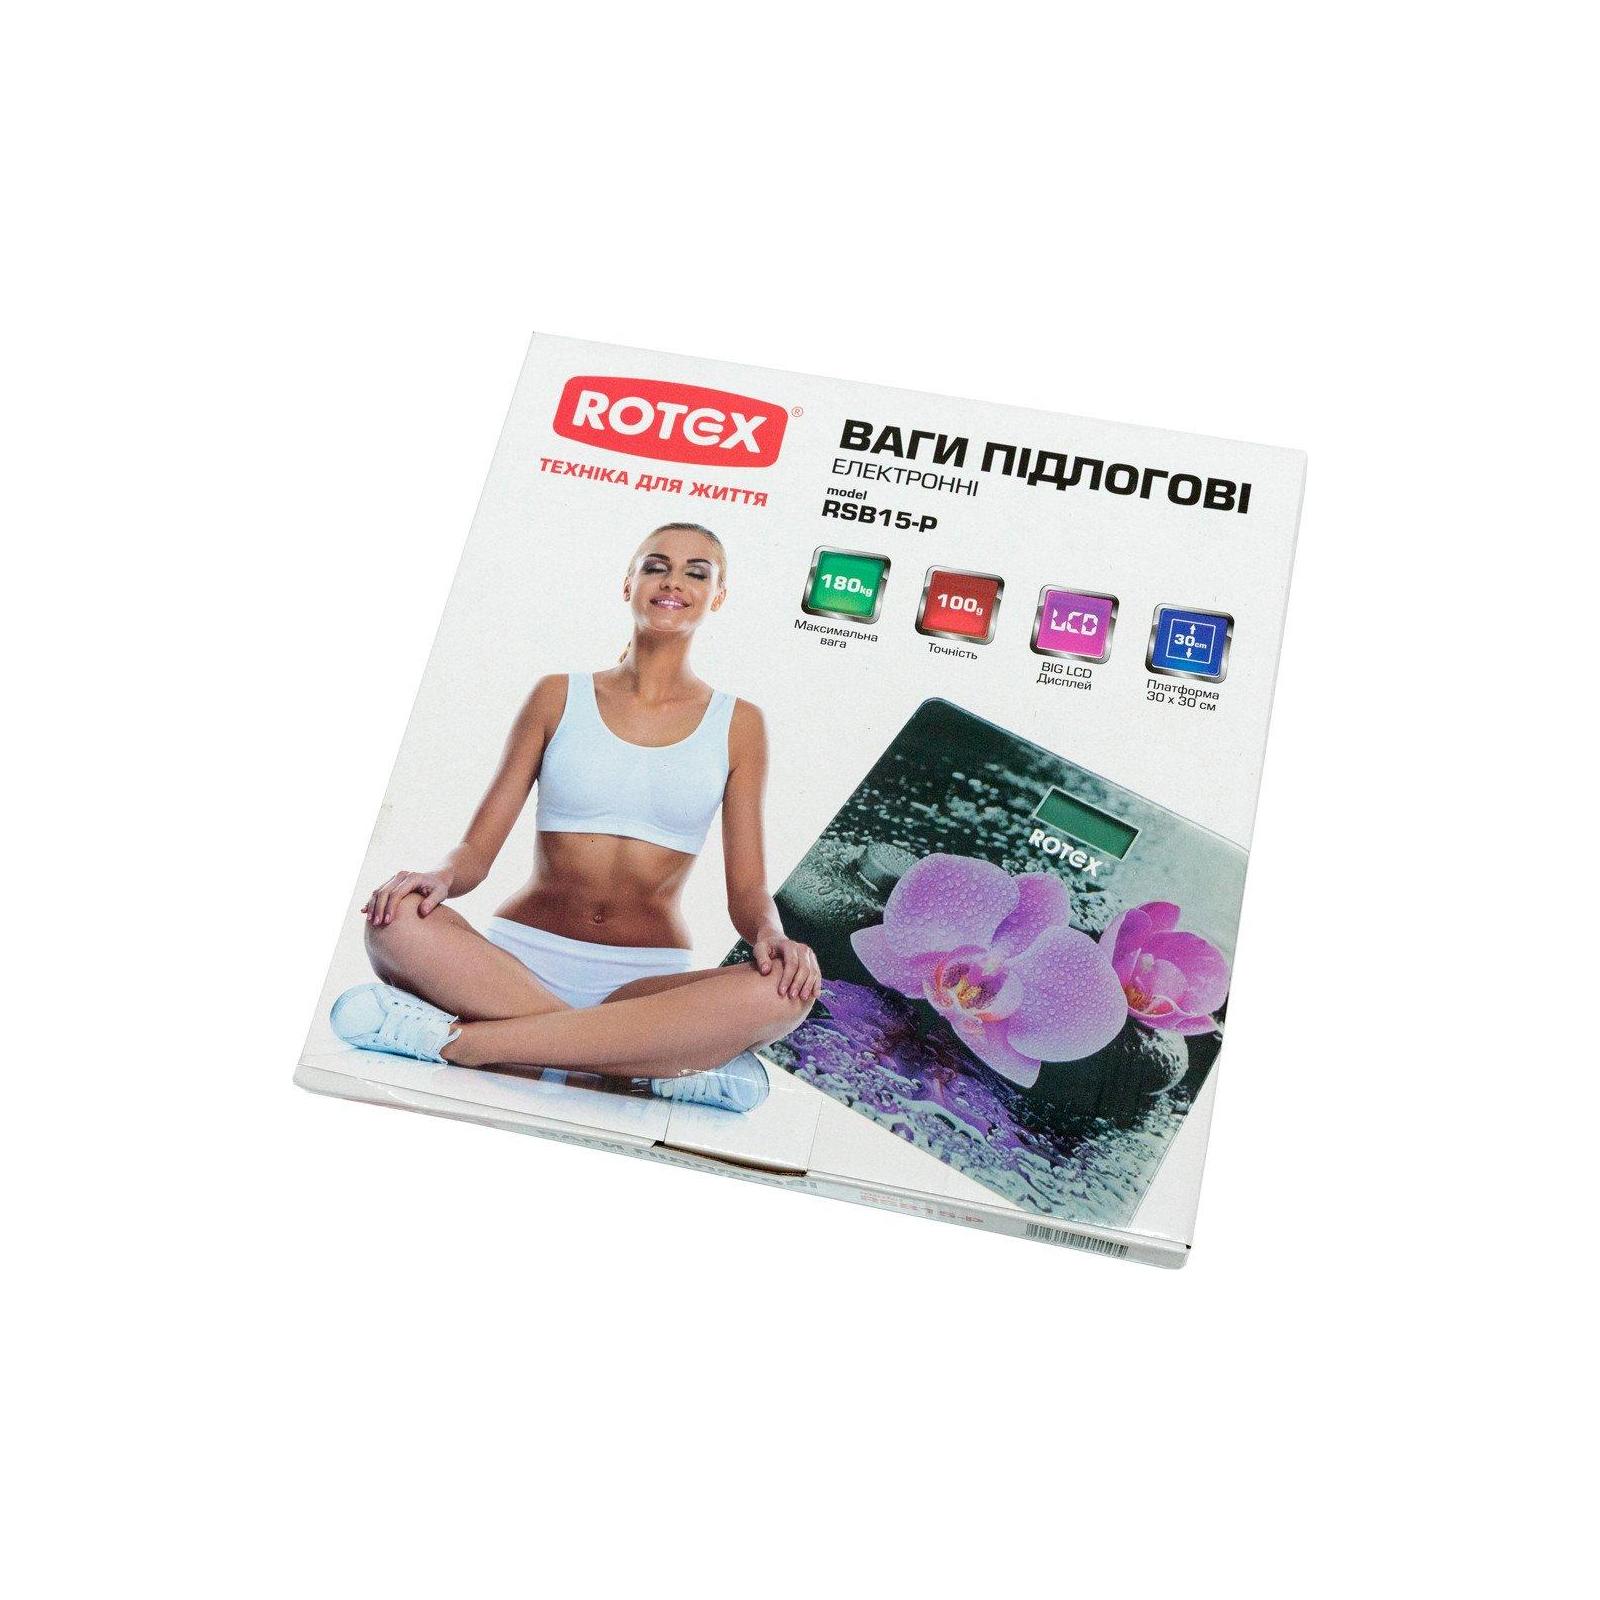 Весы напольные Rotex RSB15-P изображение 2